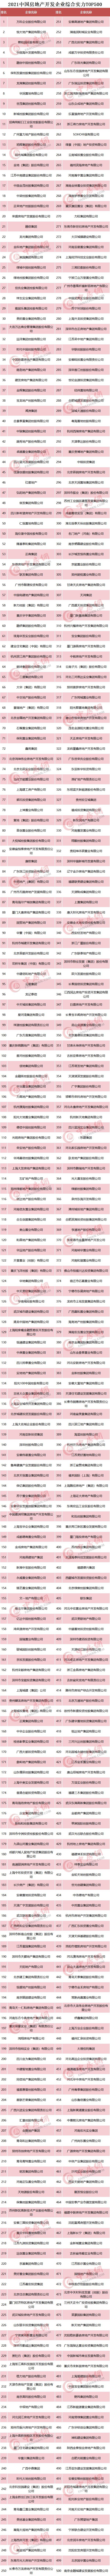 2021中國房地產開發企業綜合實力TOP500